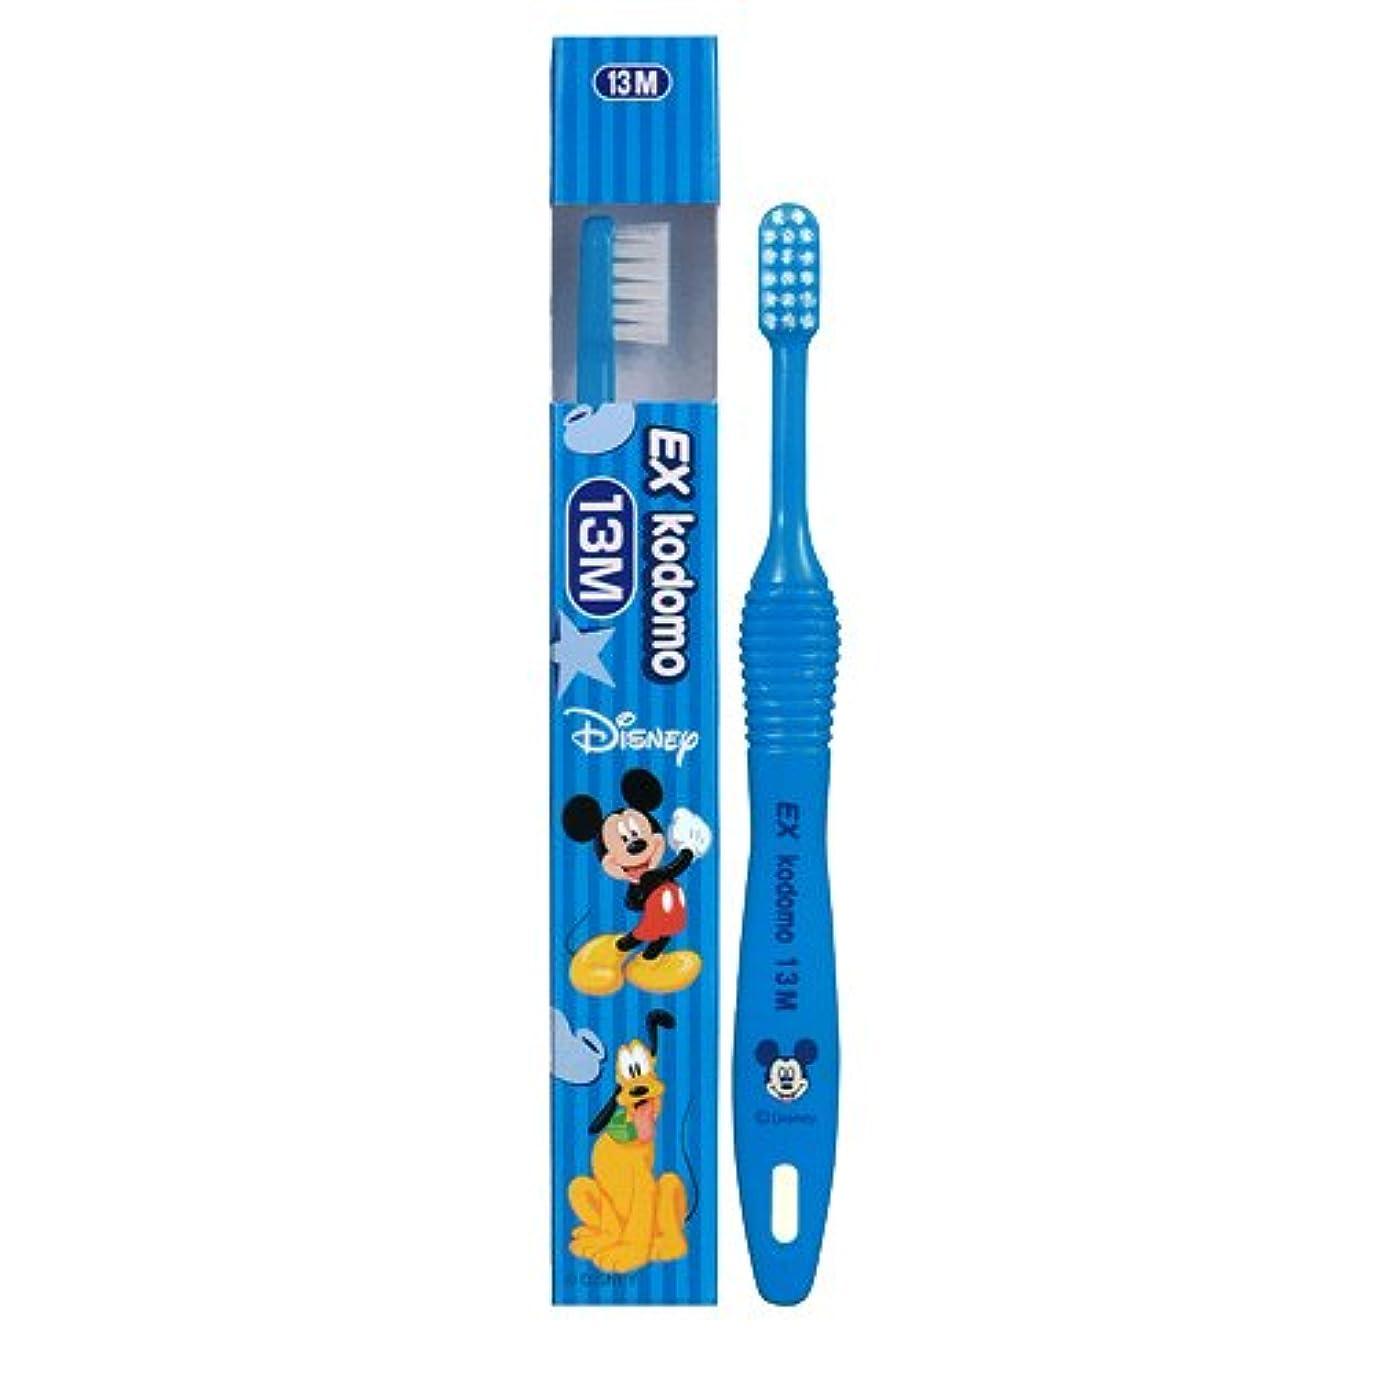 入口受け継ぐ目の前のEX kodomo ディズニー 歯ブラシ 13(乳幼児用?0~6歳)M 4本入り